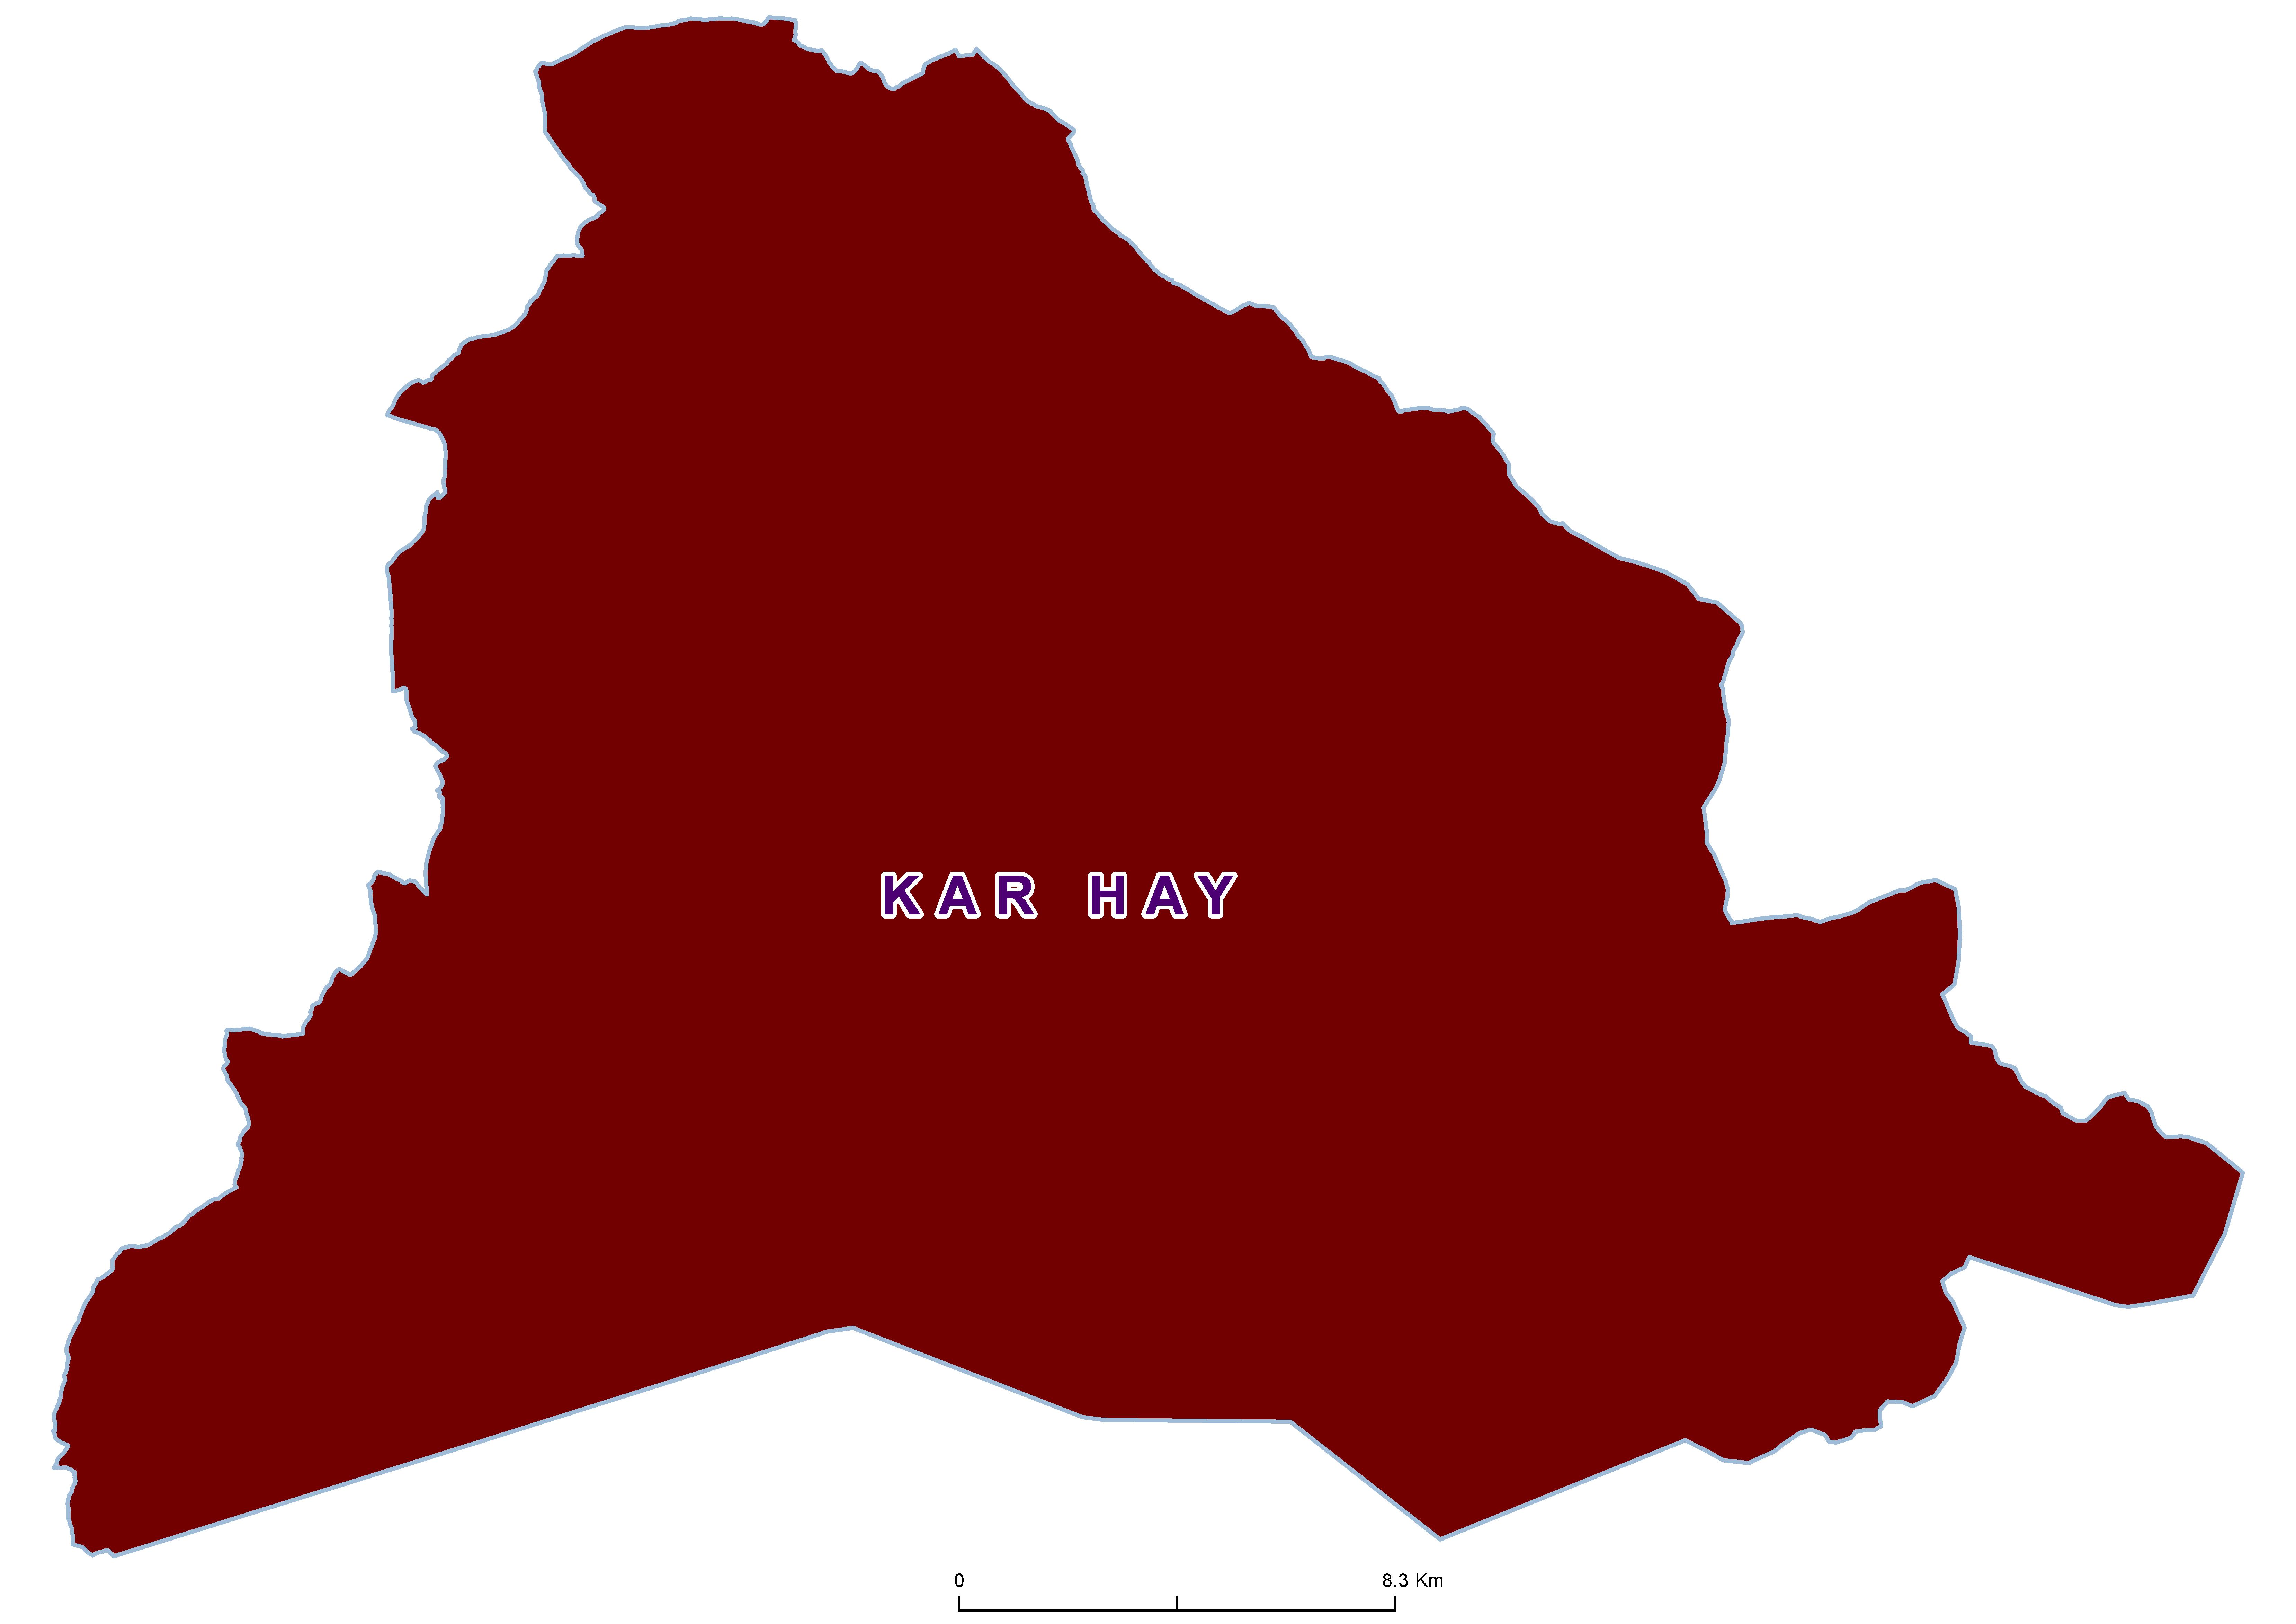 Kar Hay Mean SCH 19850001